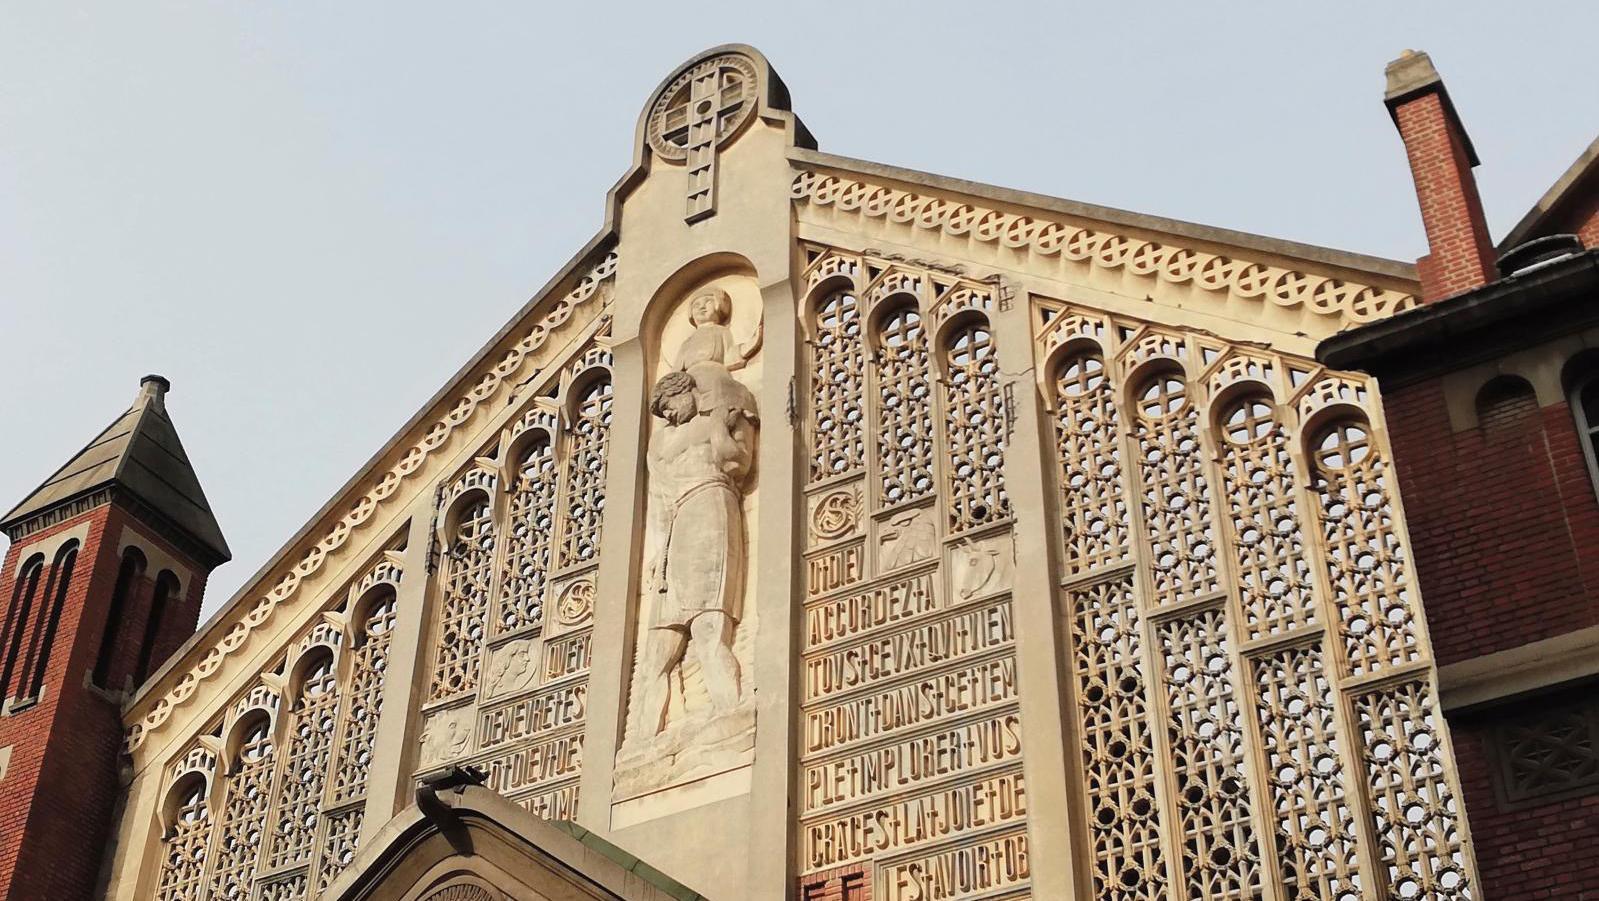 Church of Saint-Christophe-de-Javel, Paris, 16th arrondissement. ARR